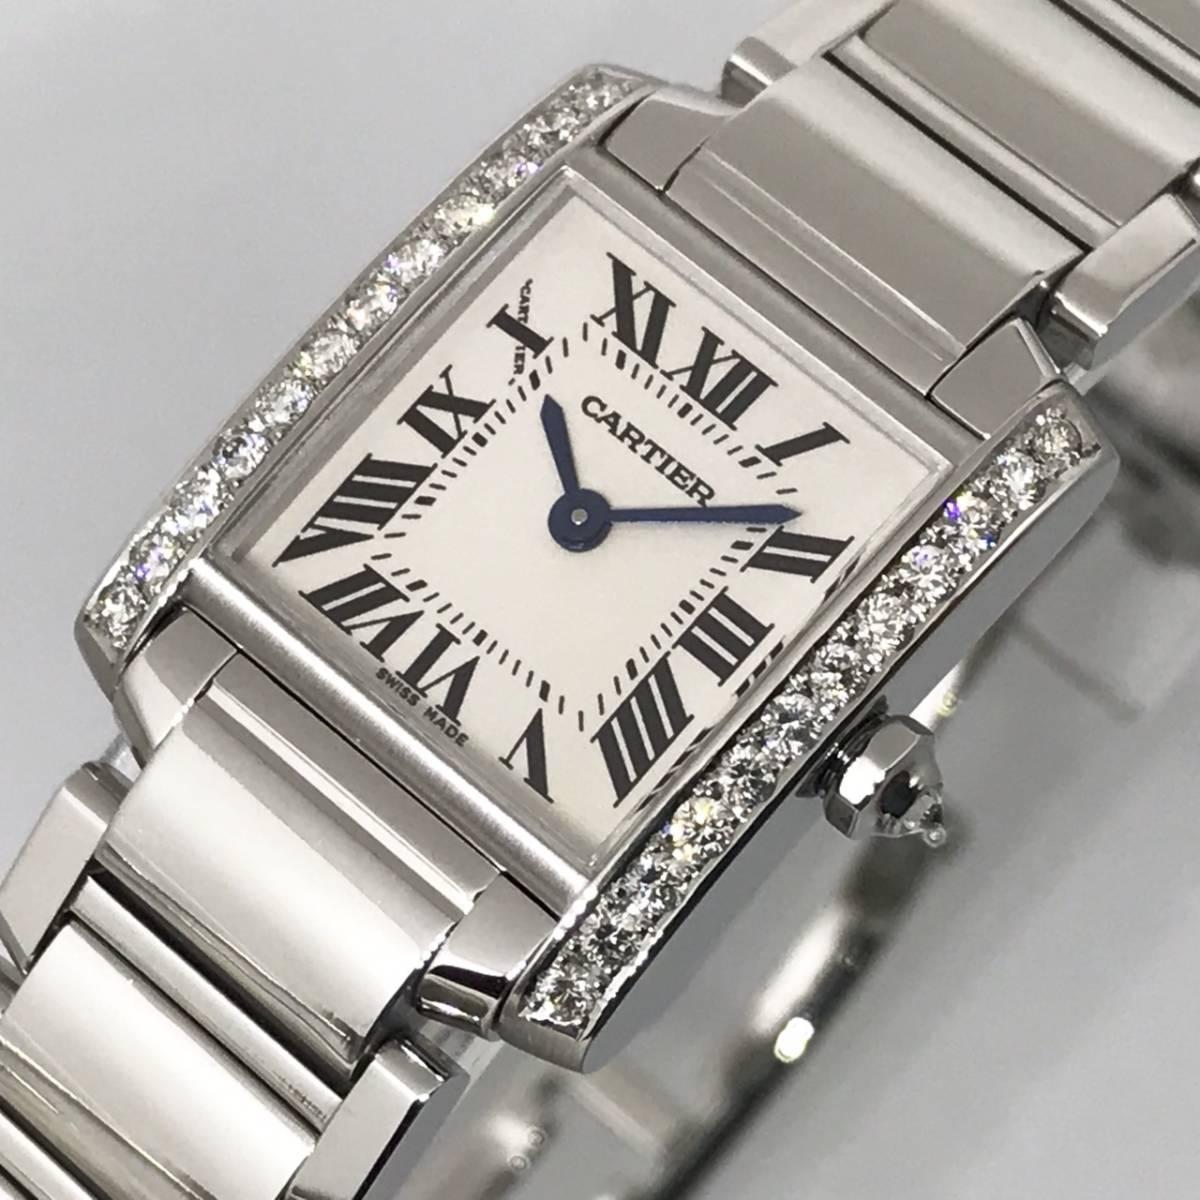 ★新品仕上げ済み★極美品★カルティエ タンクフランセーズSM 天然ダイヤモンド レディース時計